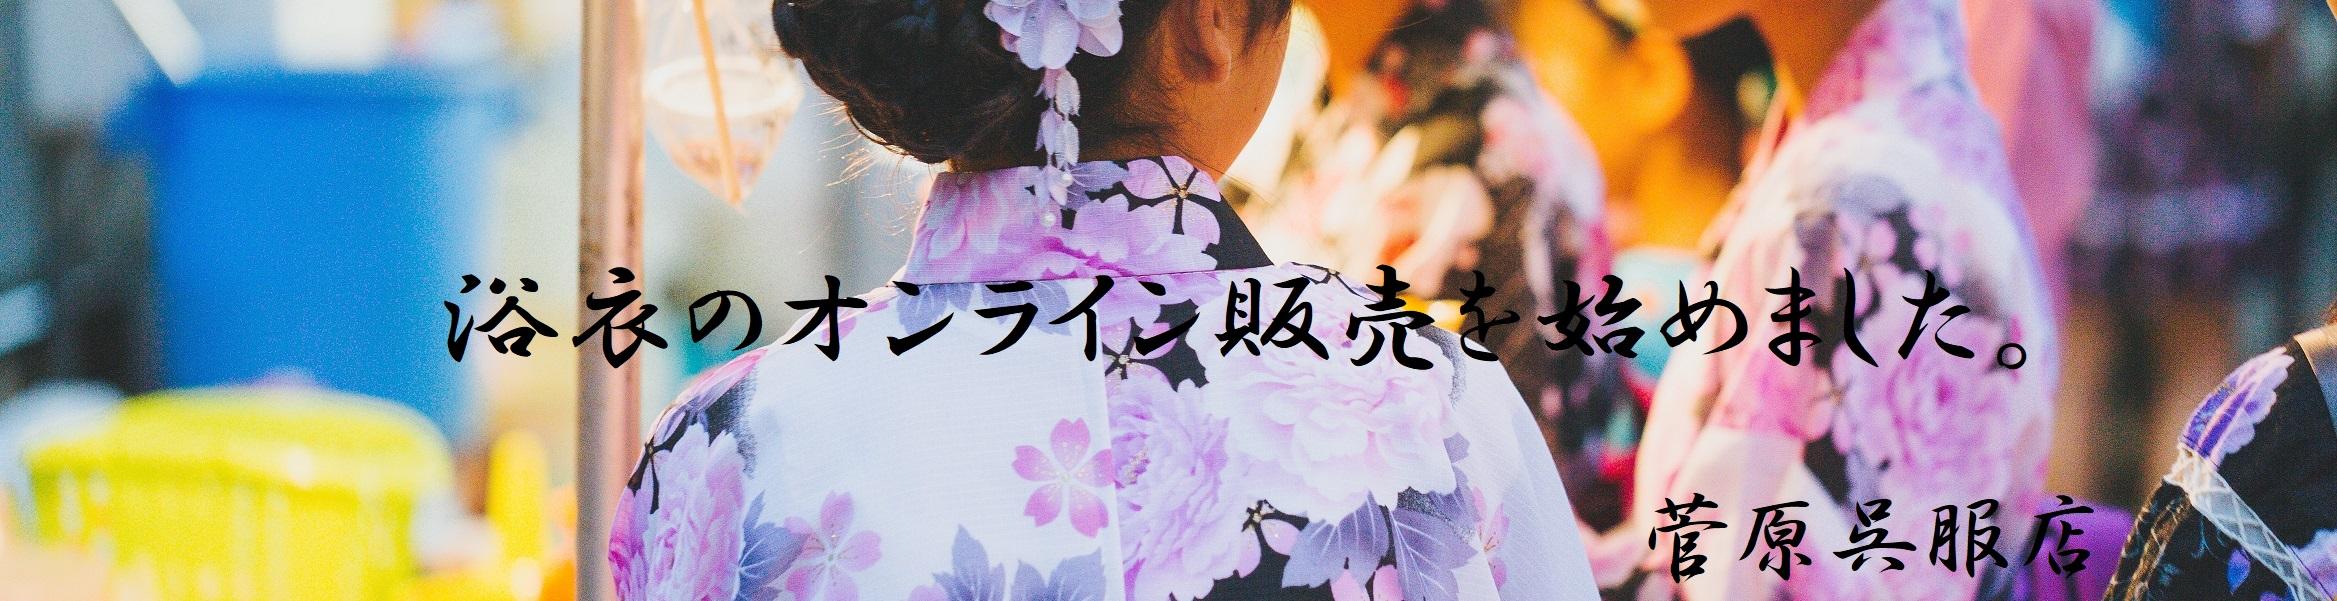 菅原呉服店オンラインショップ